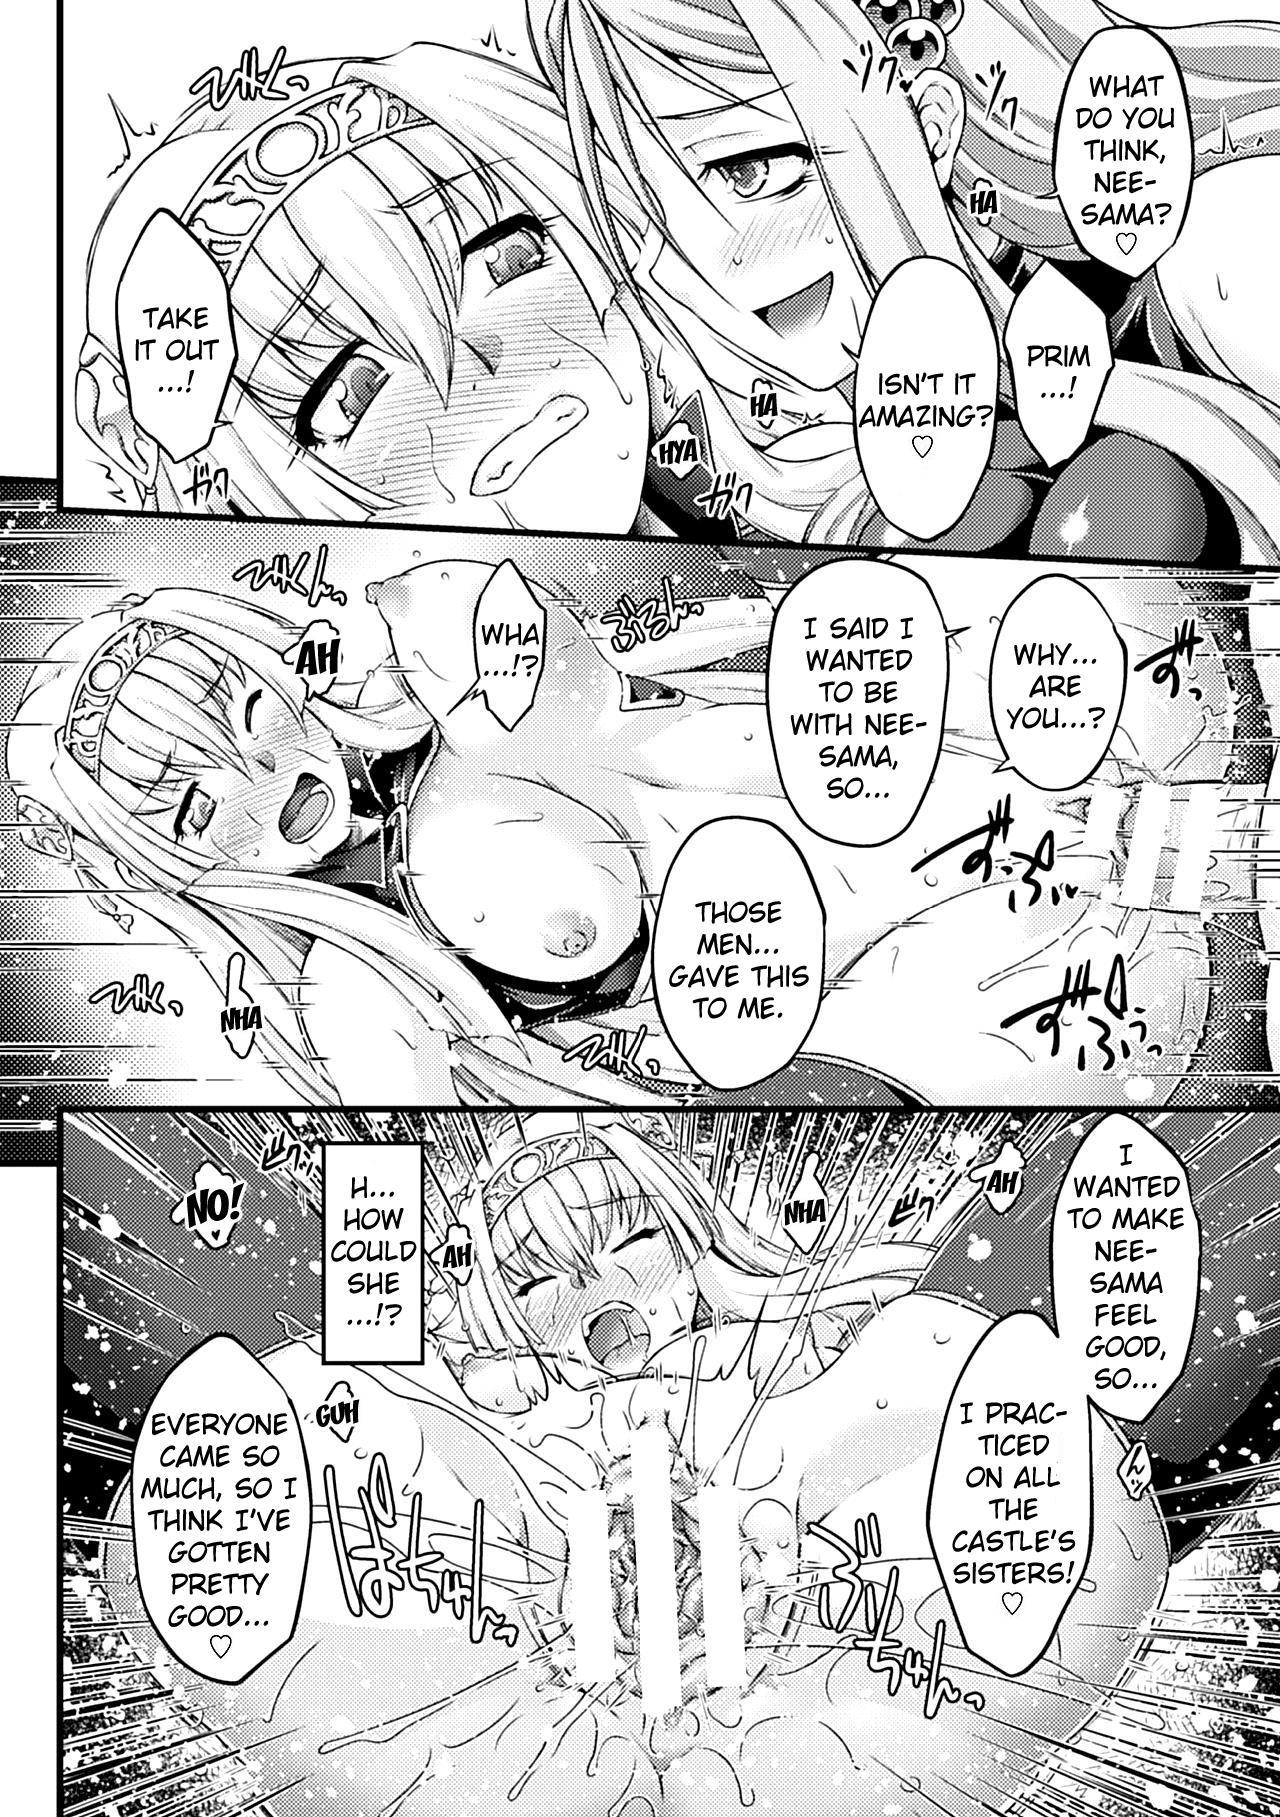 [Ootsuki Wataru] Kuroinu ~Kedakaki Seijo wa Hakudaku ni Somaru~ THE COMIC Chapters 1-5 [English] {Kizlan} [Digital] 103